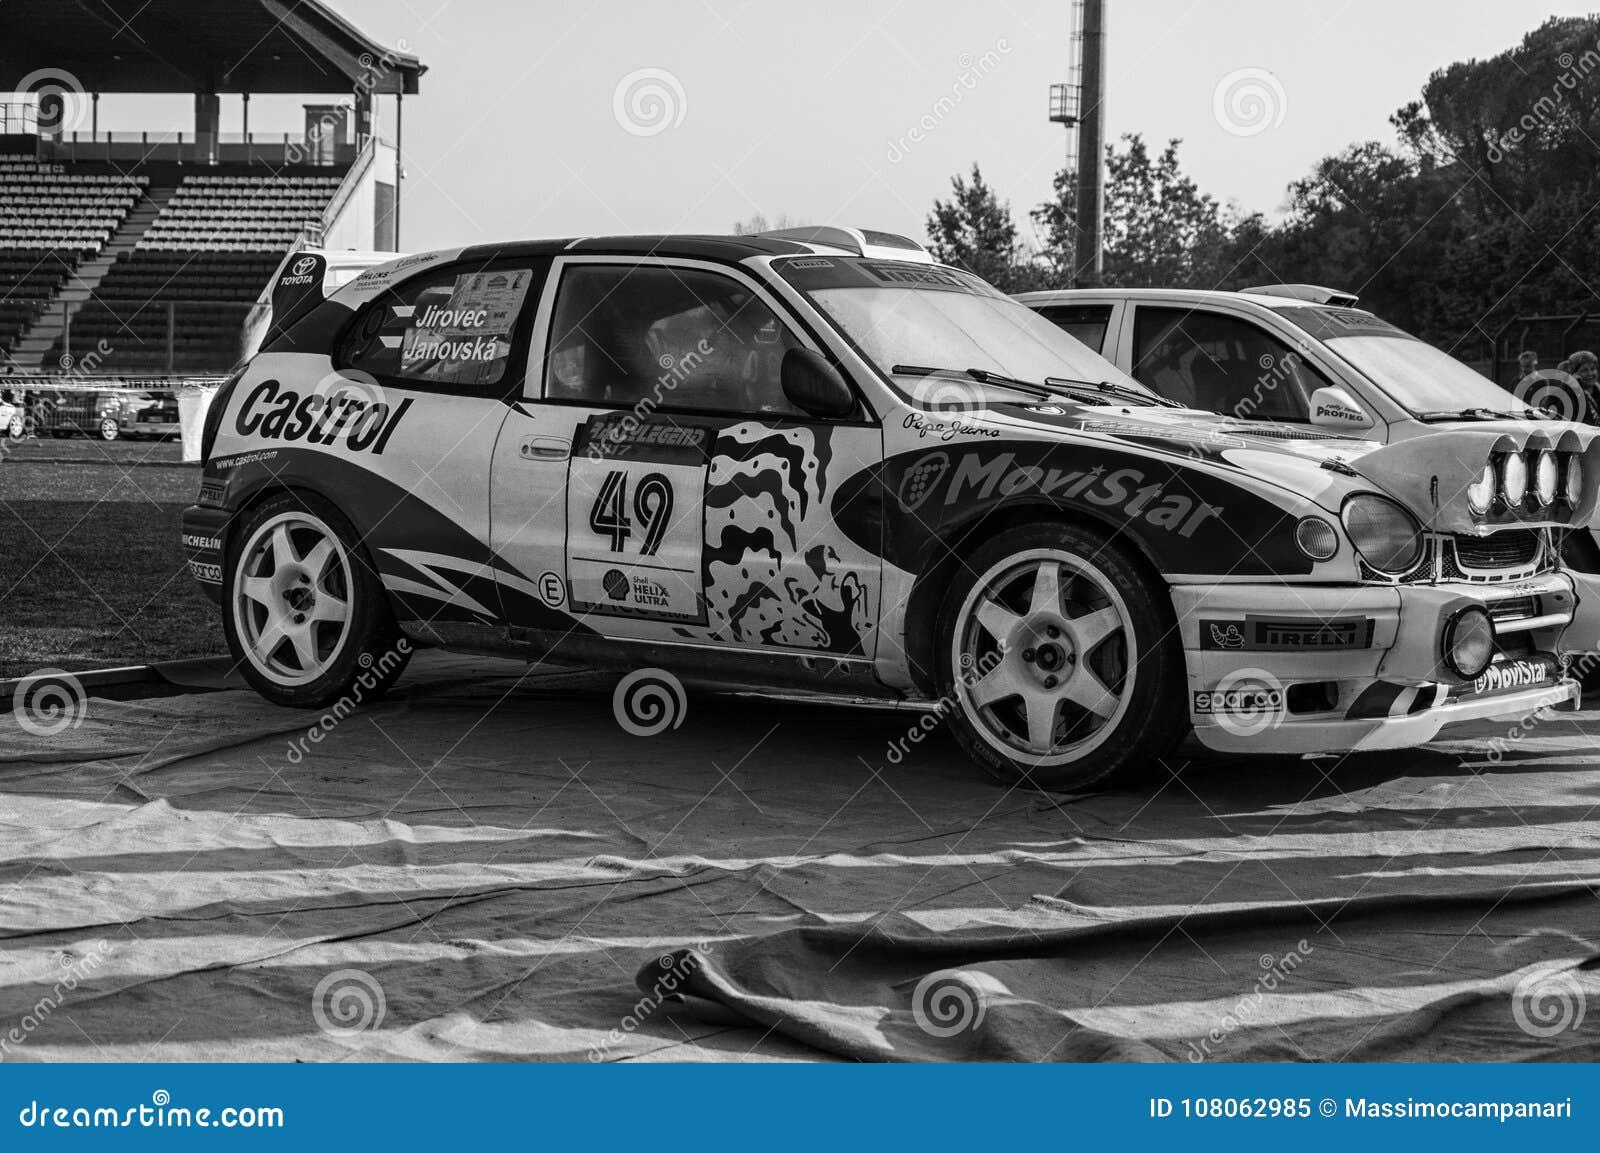 丰田卡罗拉WRC 1998年nel vecchio raduno della vettura da corsa LA LEGGENDA 2017年